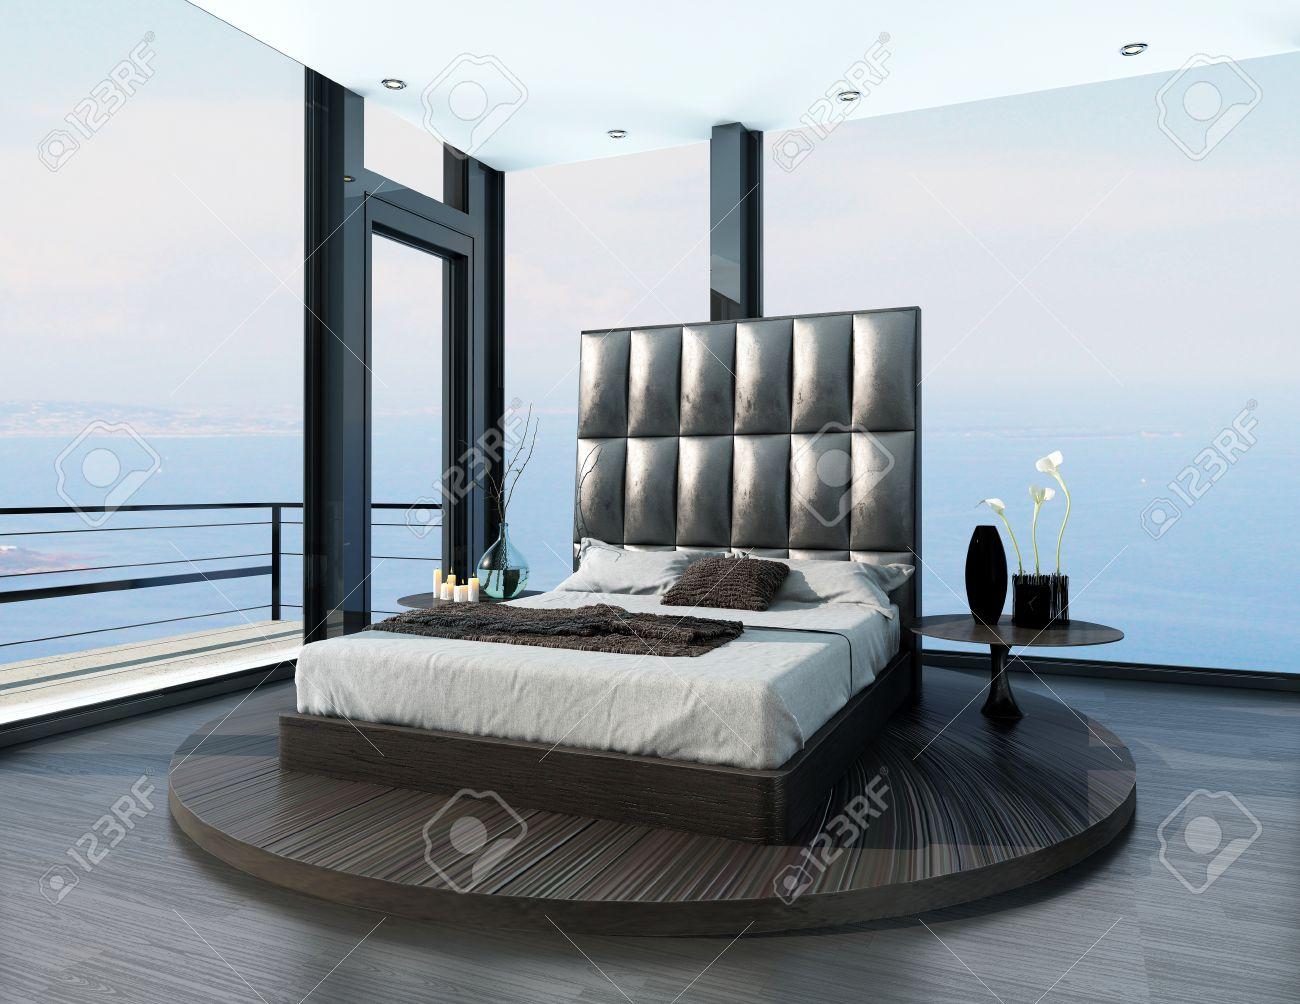 Design ultramoderne lit noir king-size dans une chambre ouverte avec de  grandes fenêtres